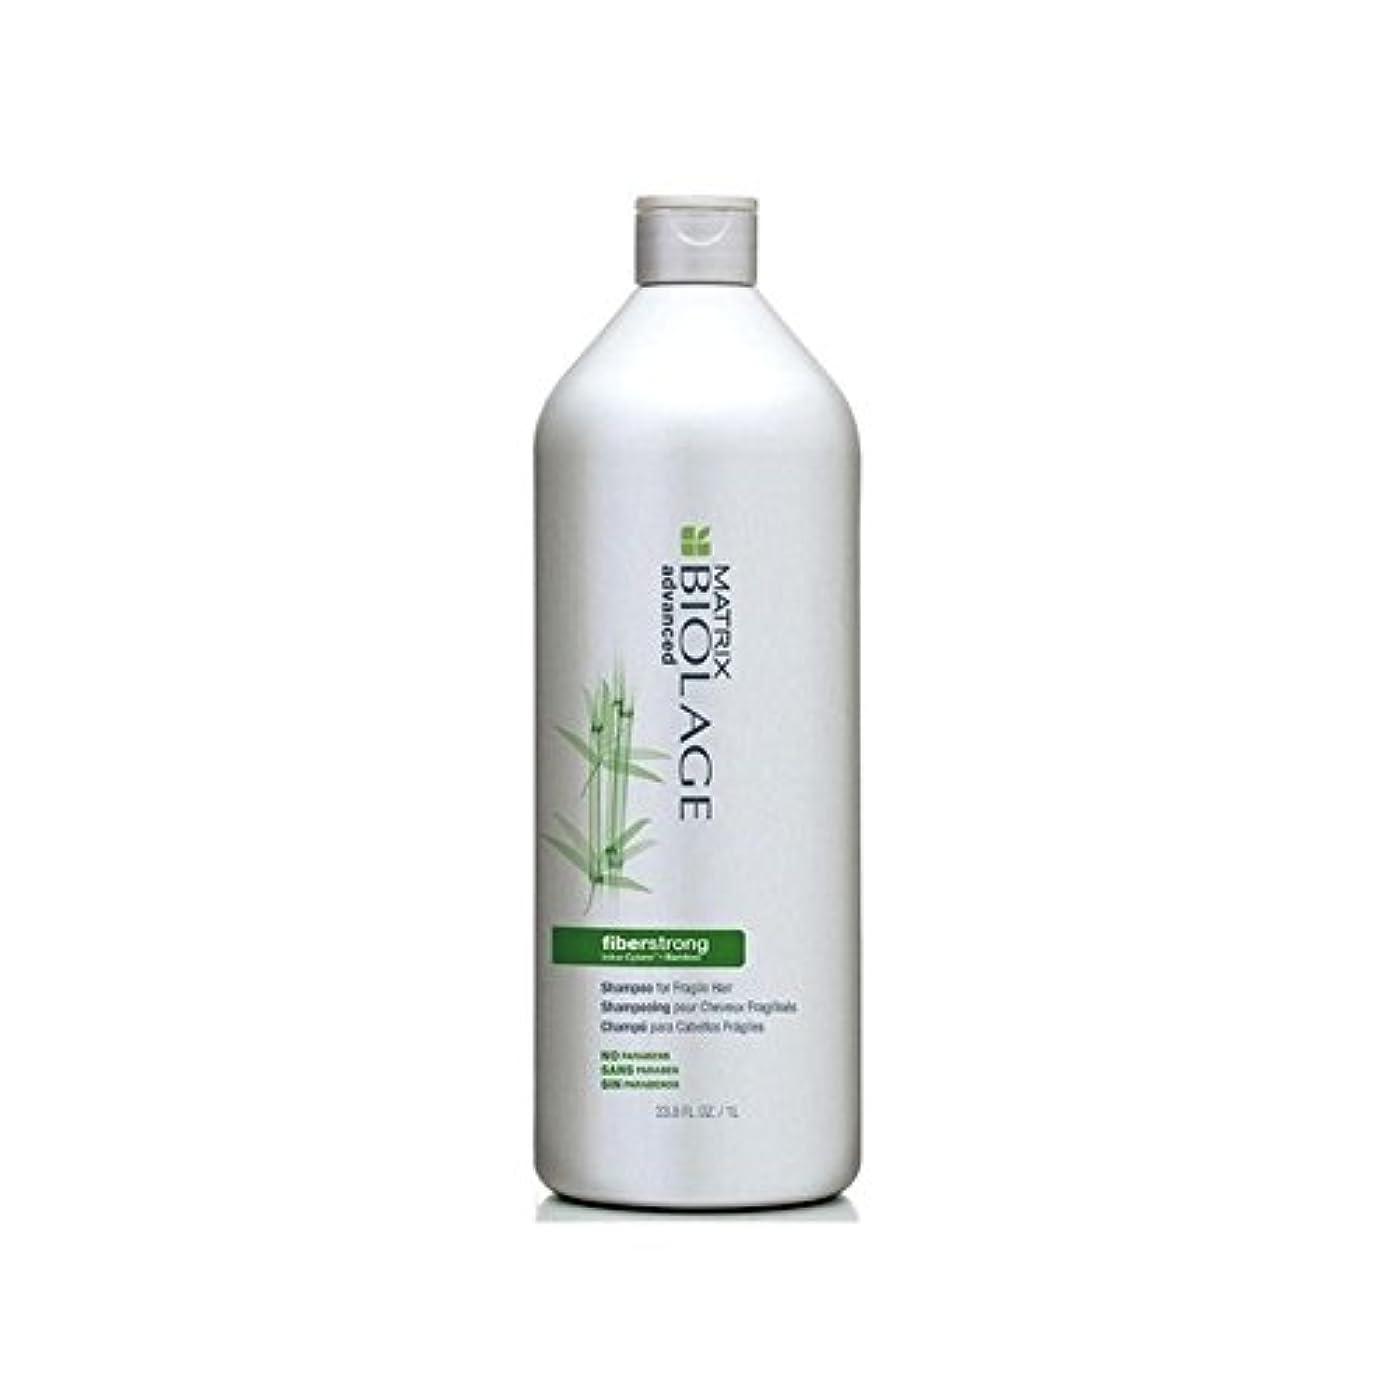 予定選挙出来事ポンプを有するマトリックスバイオレイジのシャンプー(千ミリリットル) x2 - Matrix Biolage Fiberstrong Shampoo (1000ml) With Pump (Pack of 2) [並行輸入品]